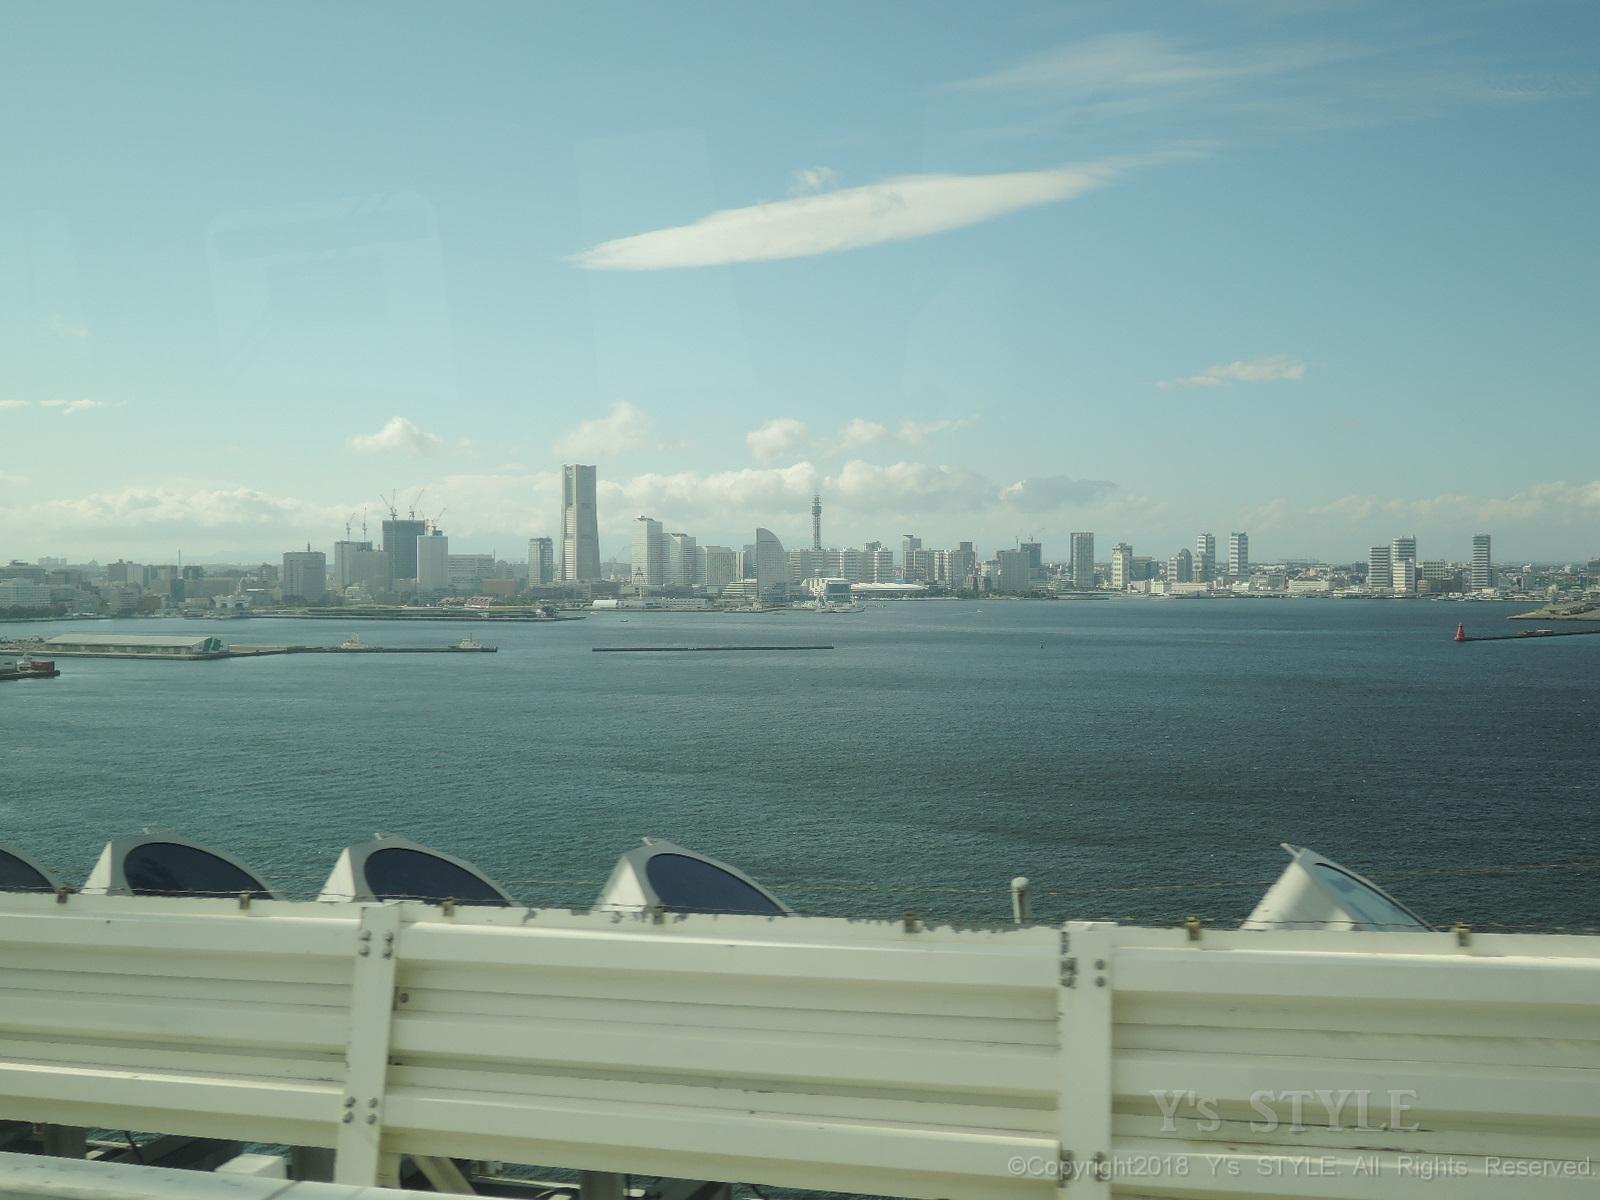 ANAの飛行機で広島に出張に行ってきました